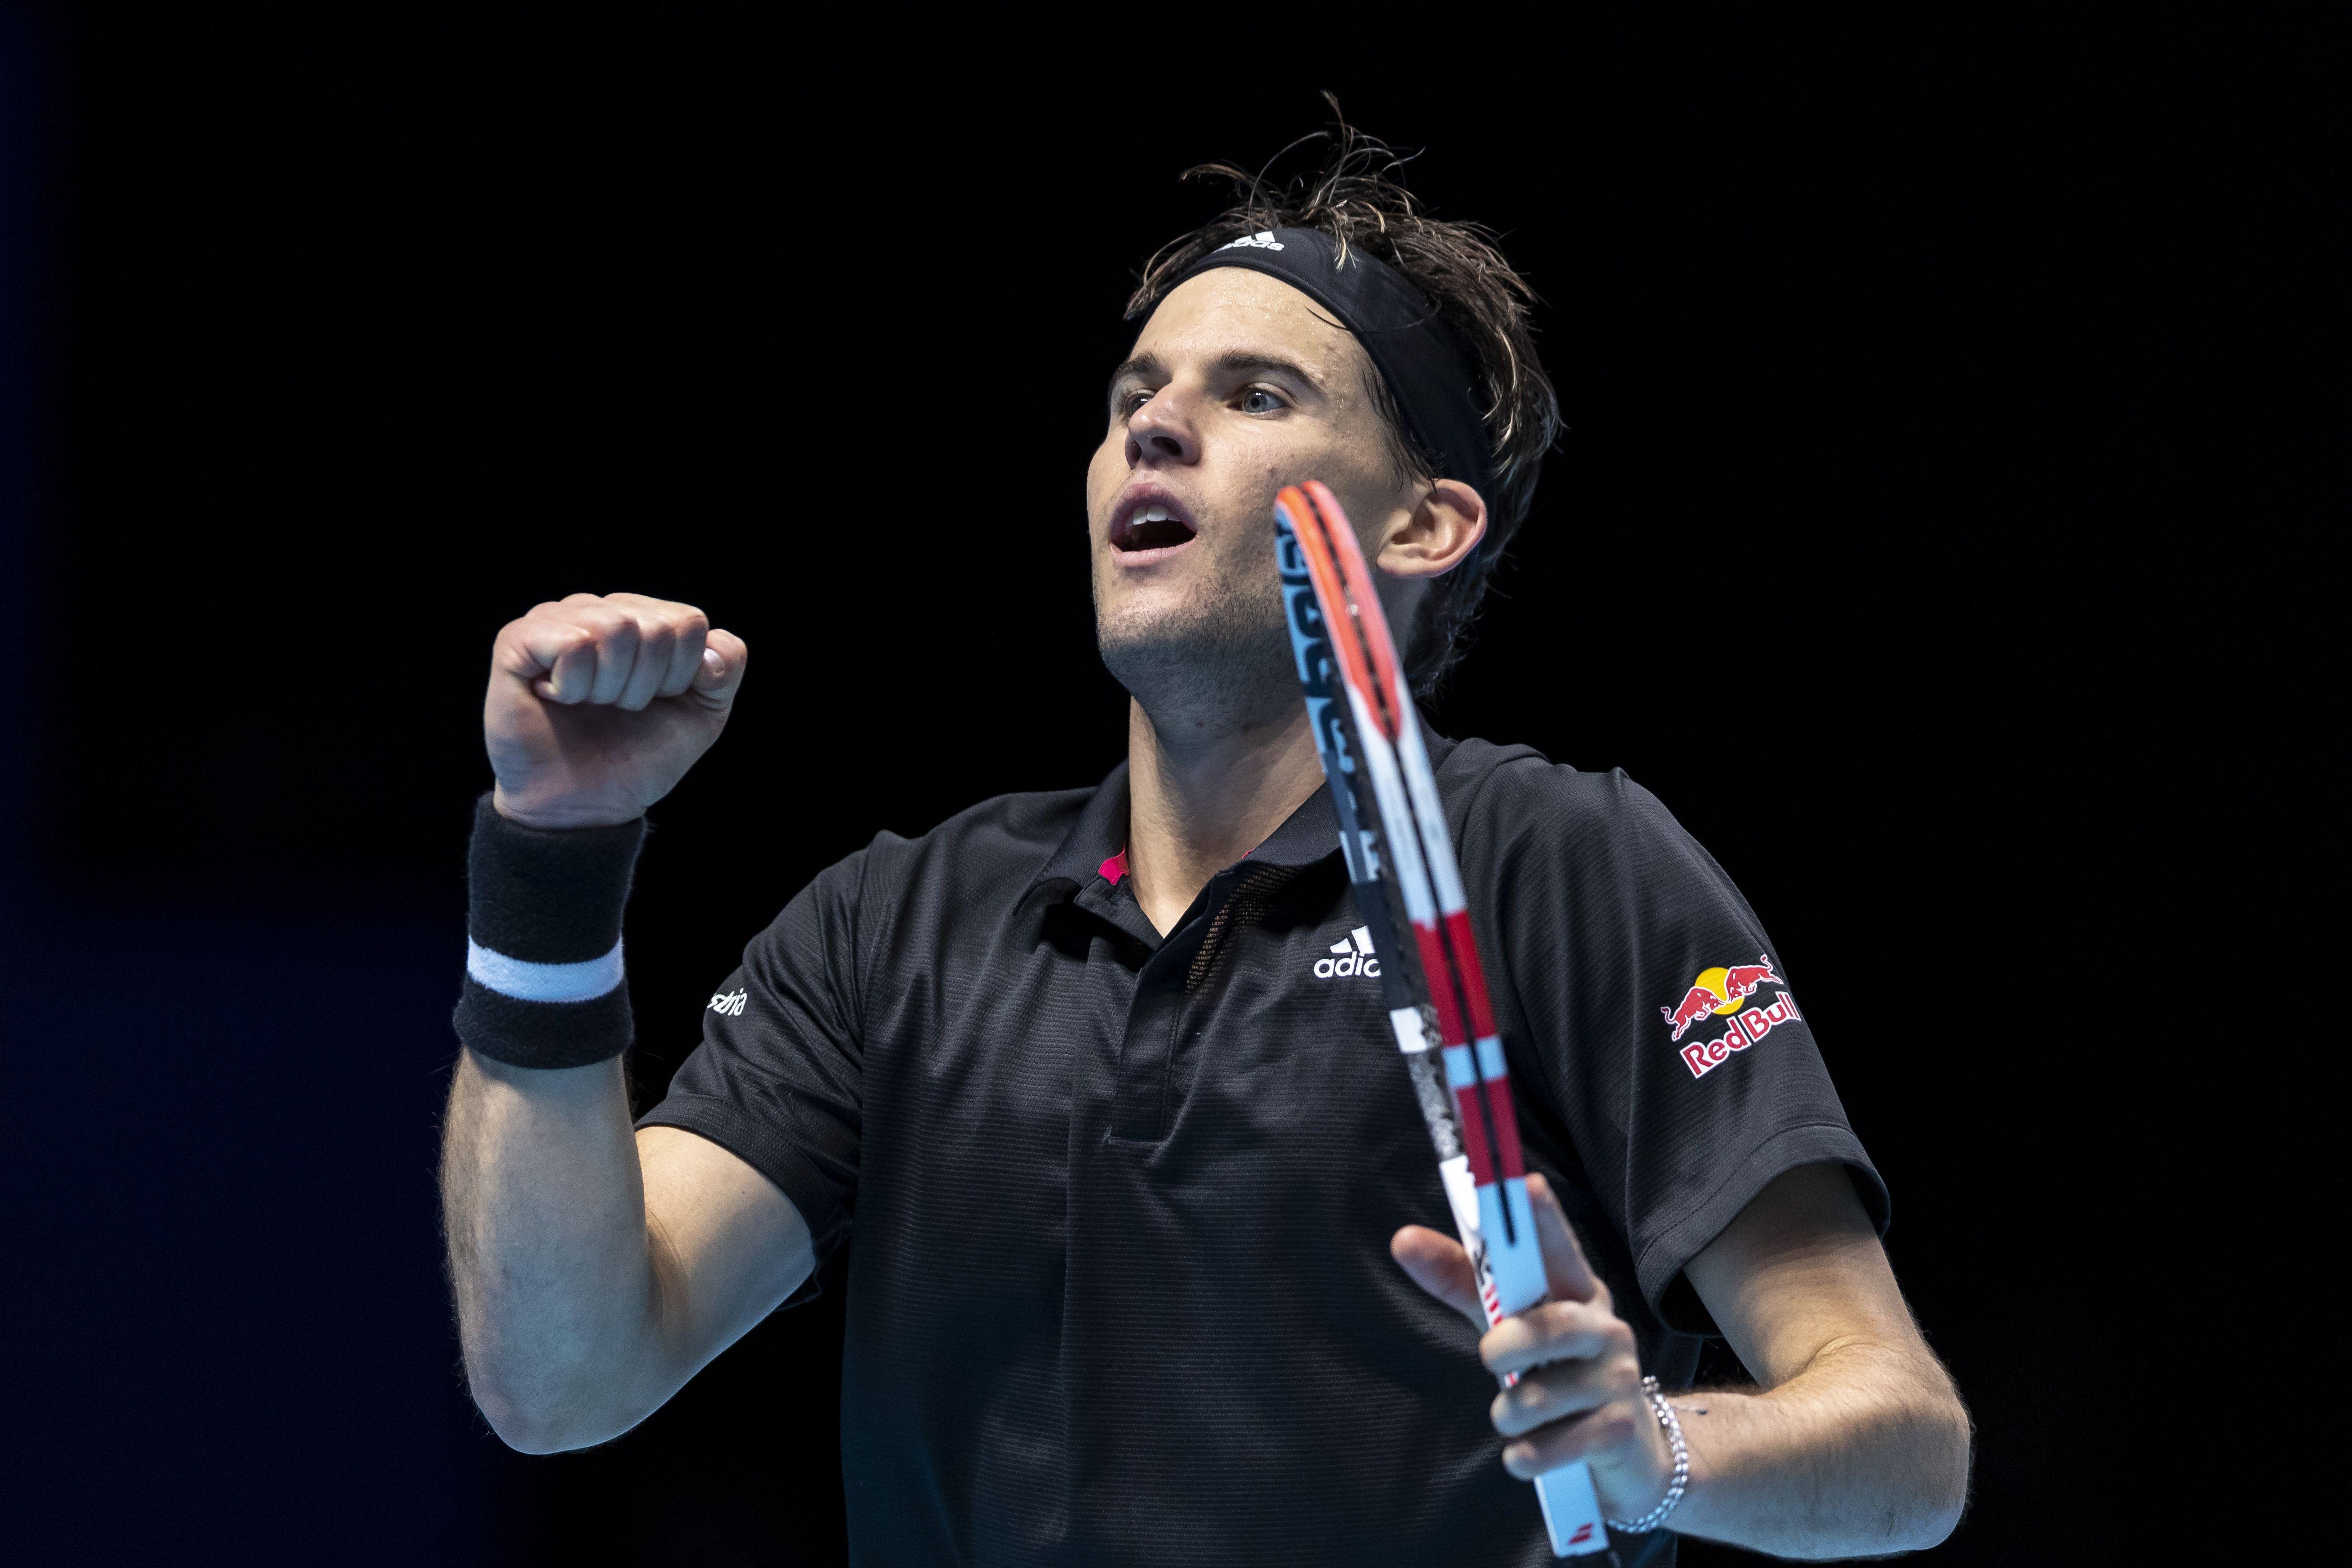 Радостные эмоции Тима после выхода в финал Итогового чемпионата ATP. Видео